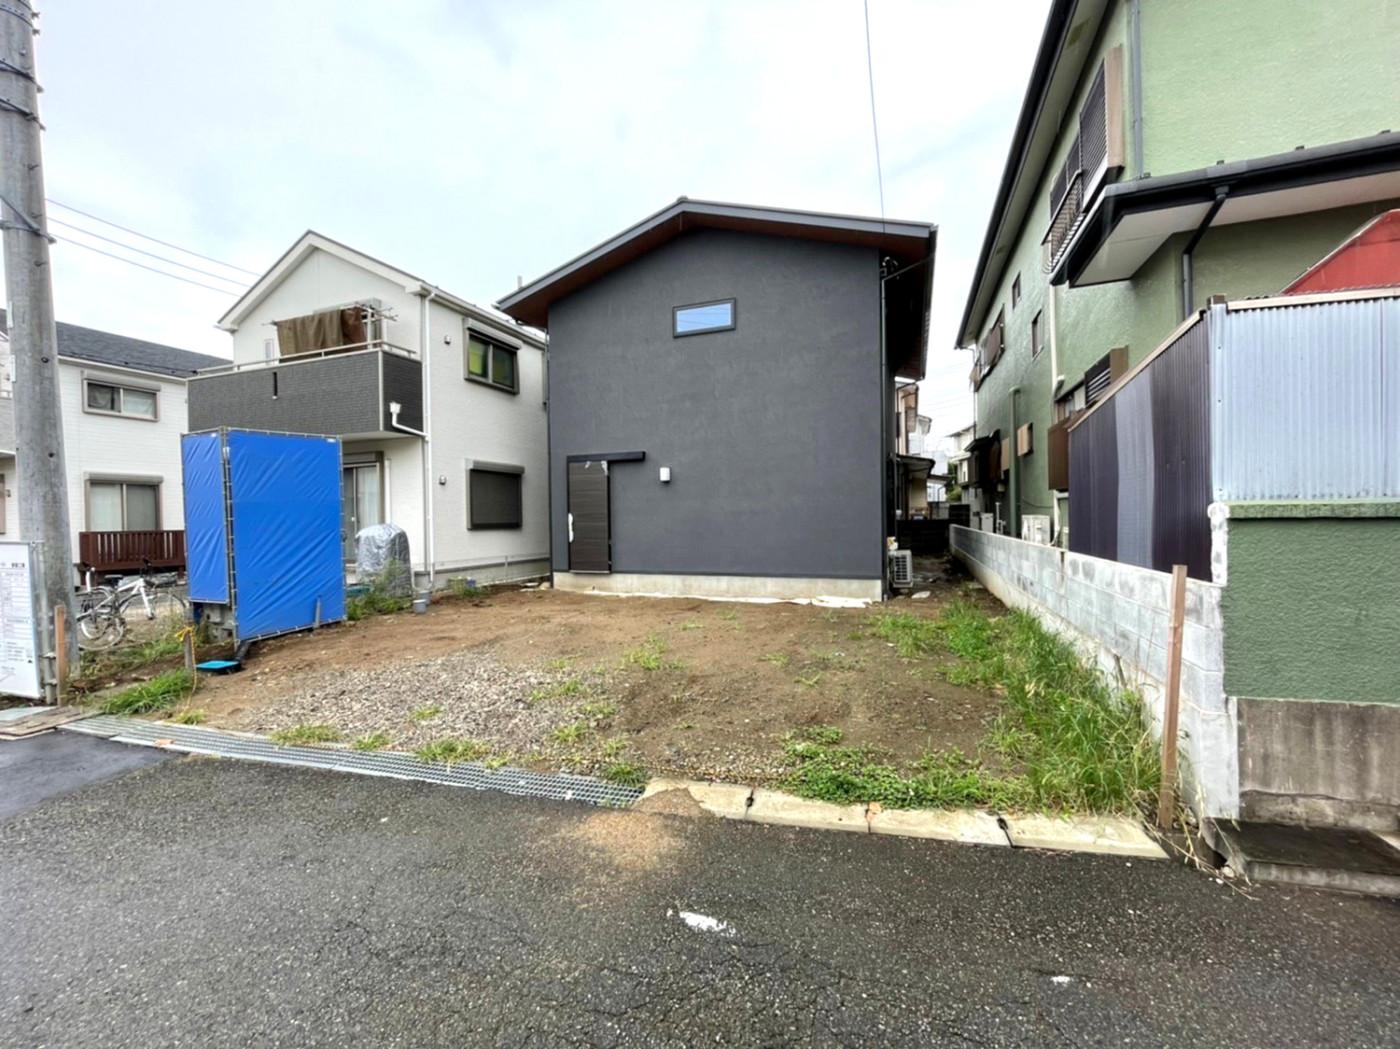 神奈川県 株式会社 琴美建設 グランドアートウォール施工イメージ3647_09